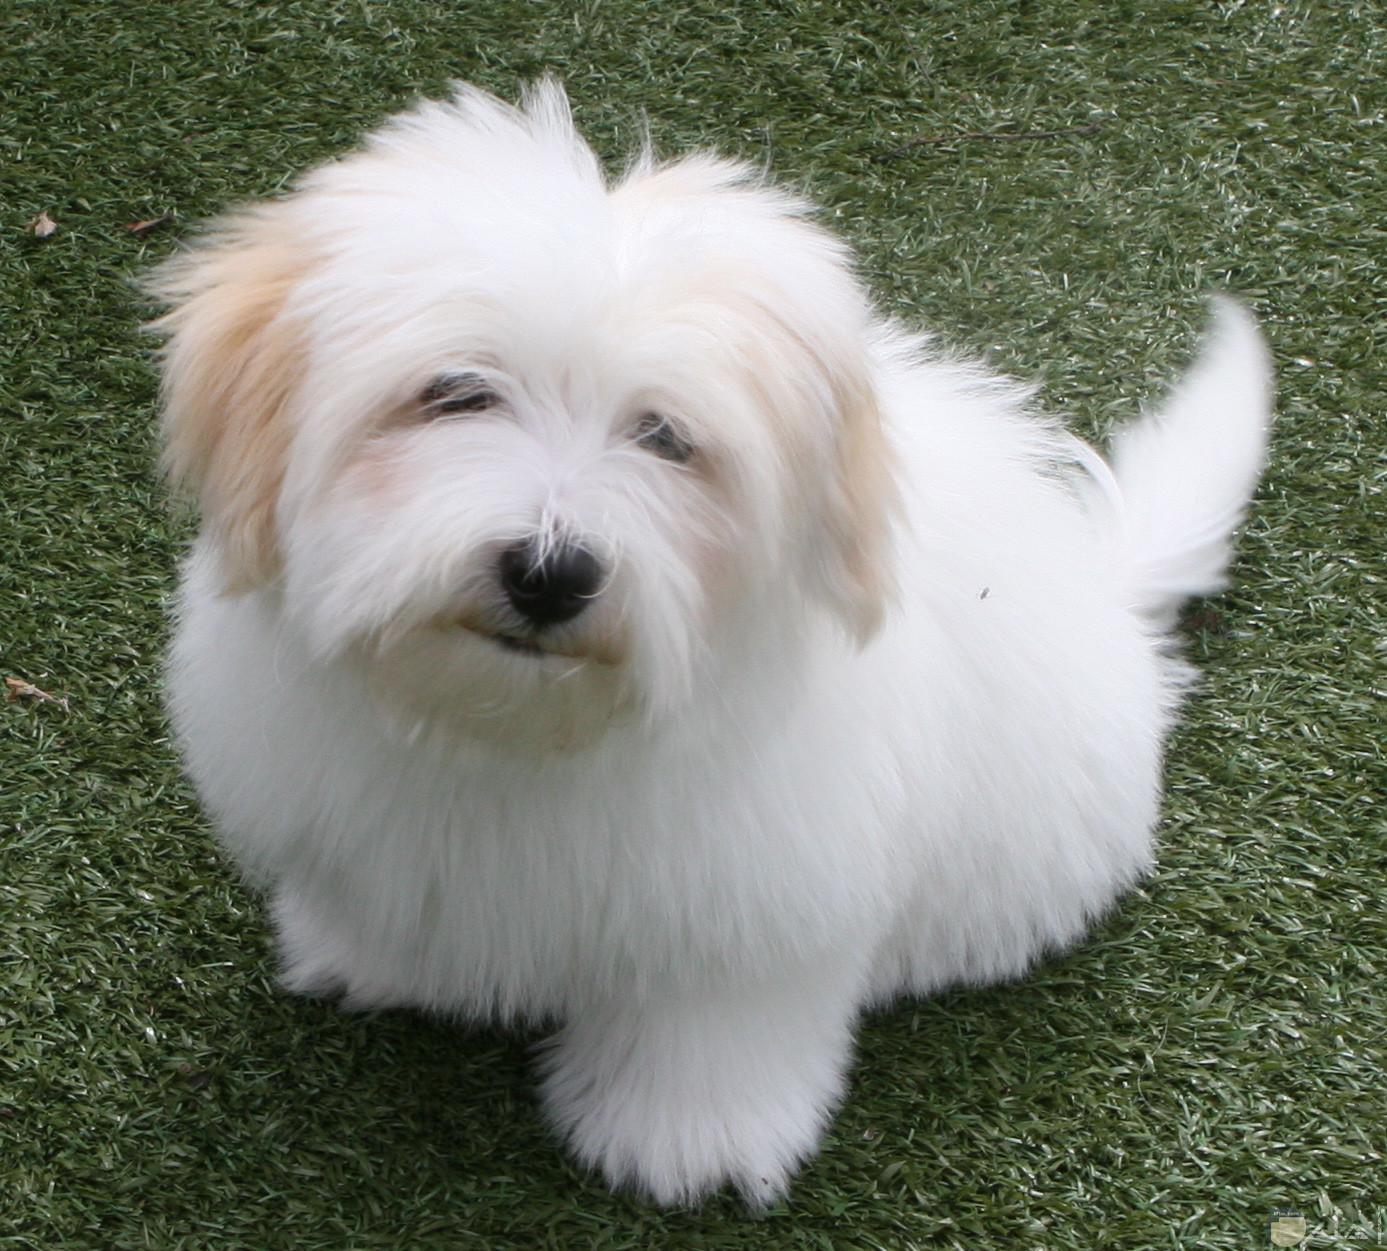 كلب صغير جميل بكثافة شعره.